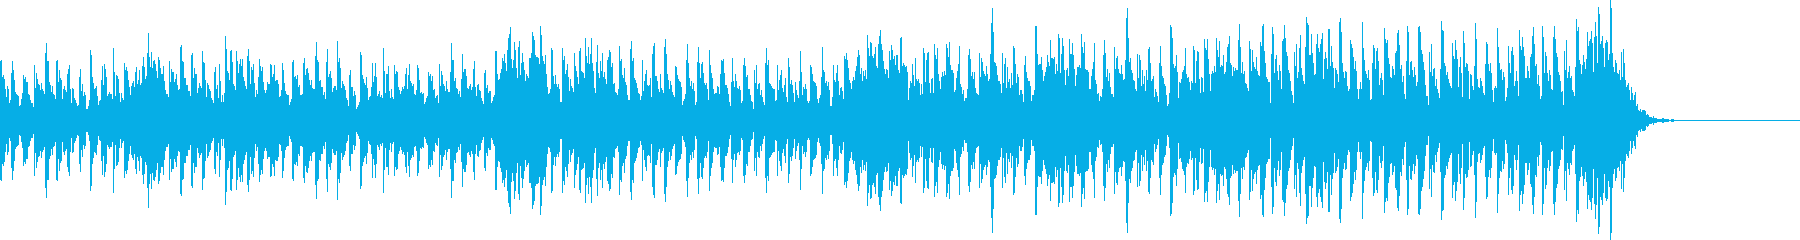 おっちょこちょいな感じの曲の再生済みの波形